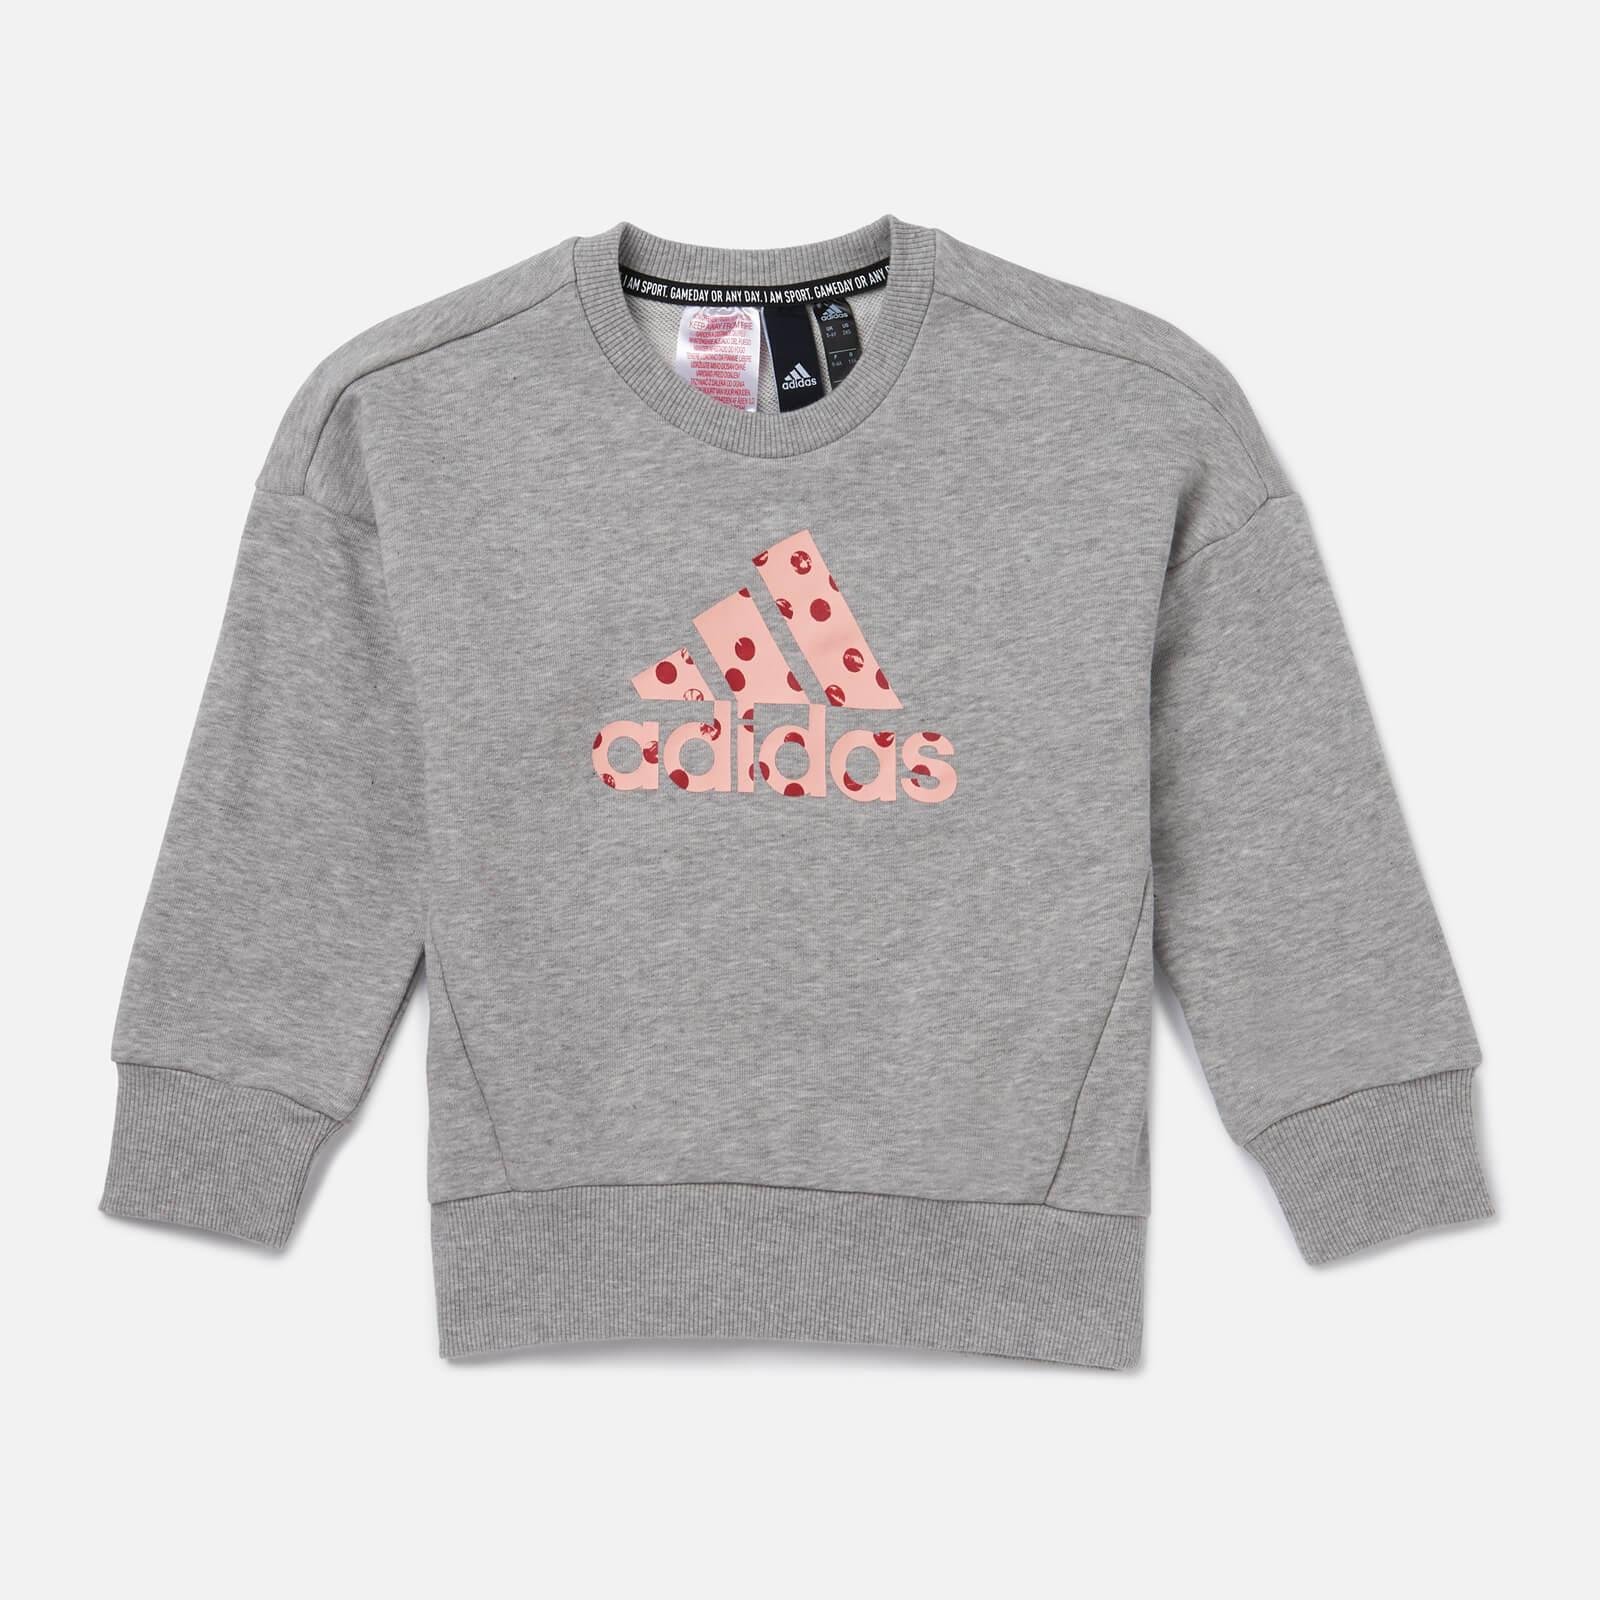 adidas Girls' Young Girls Crew Neck Sweatshirt - Grey - 11-12 Years